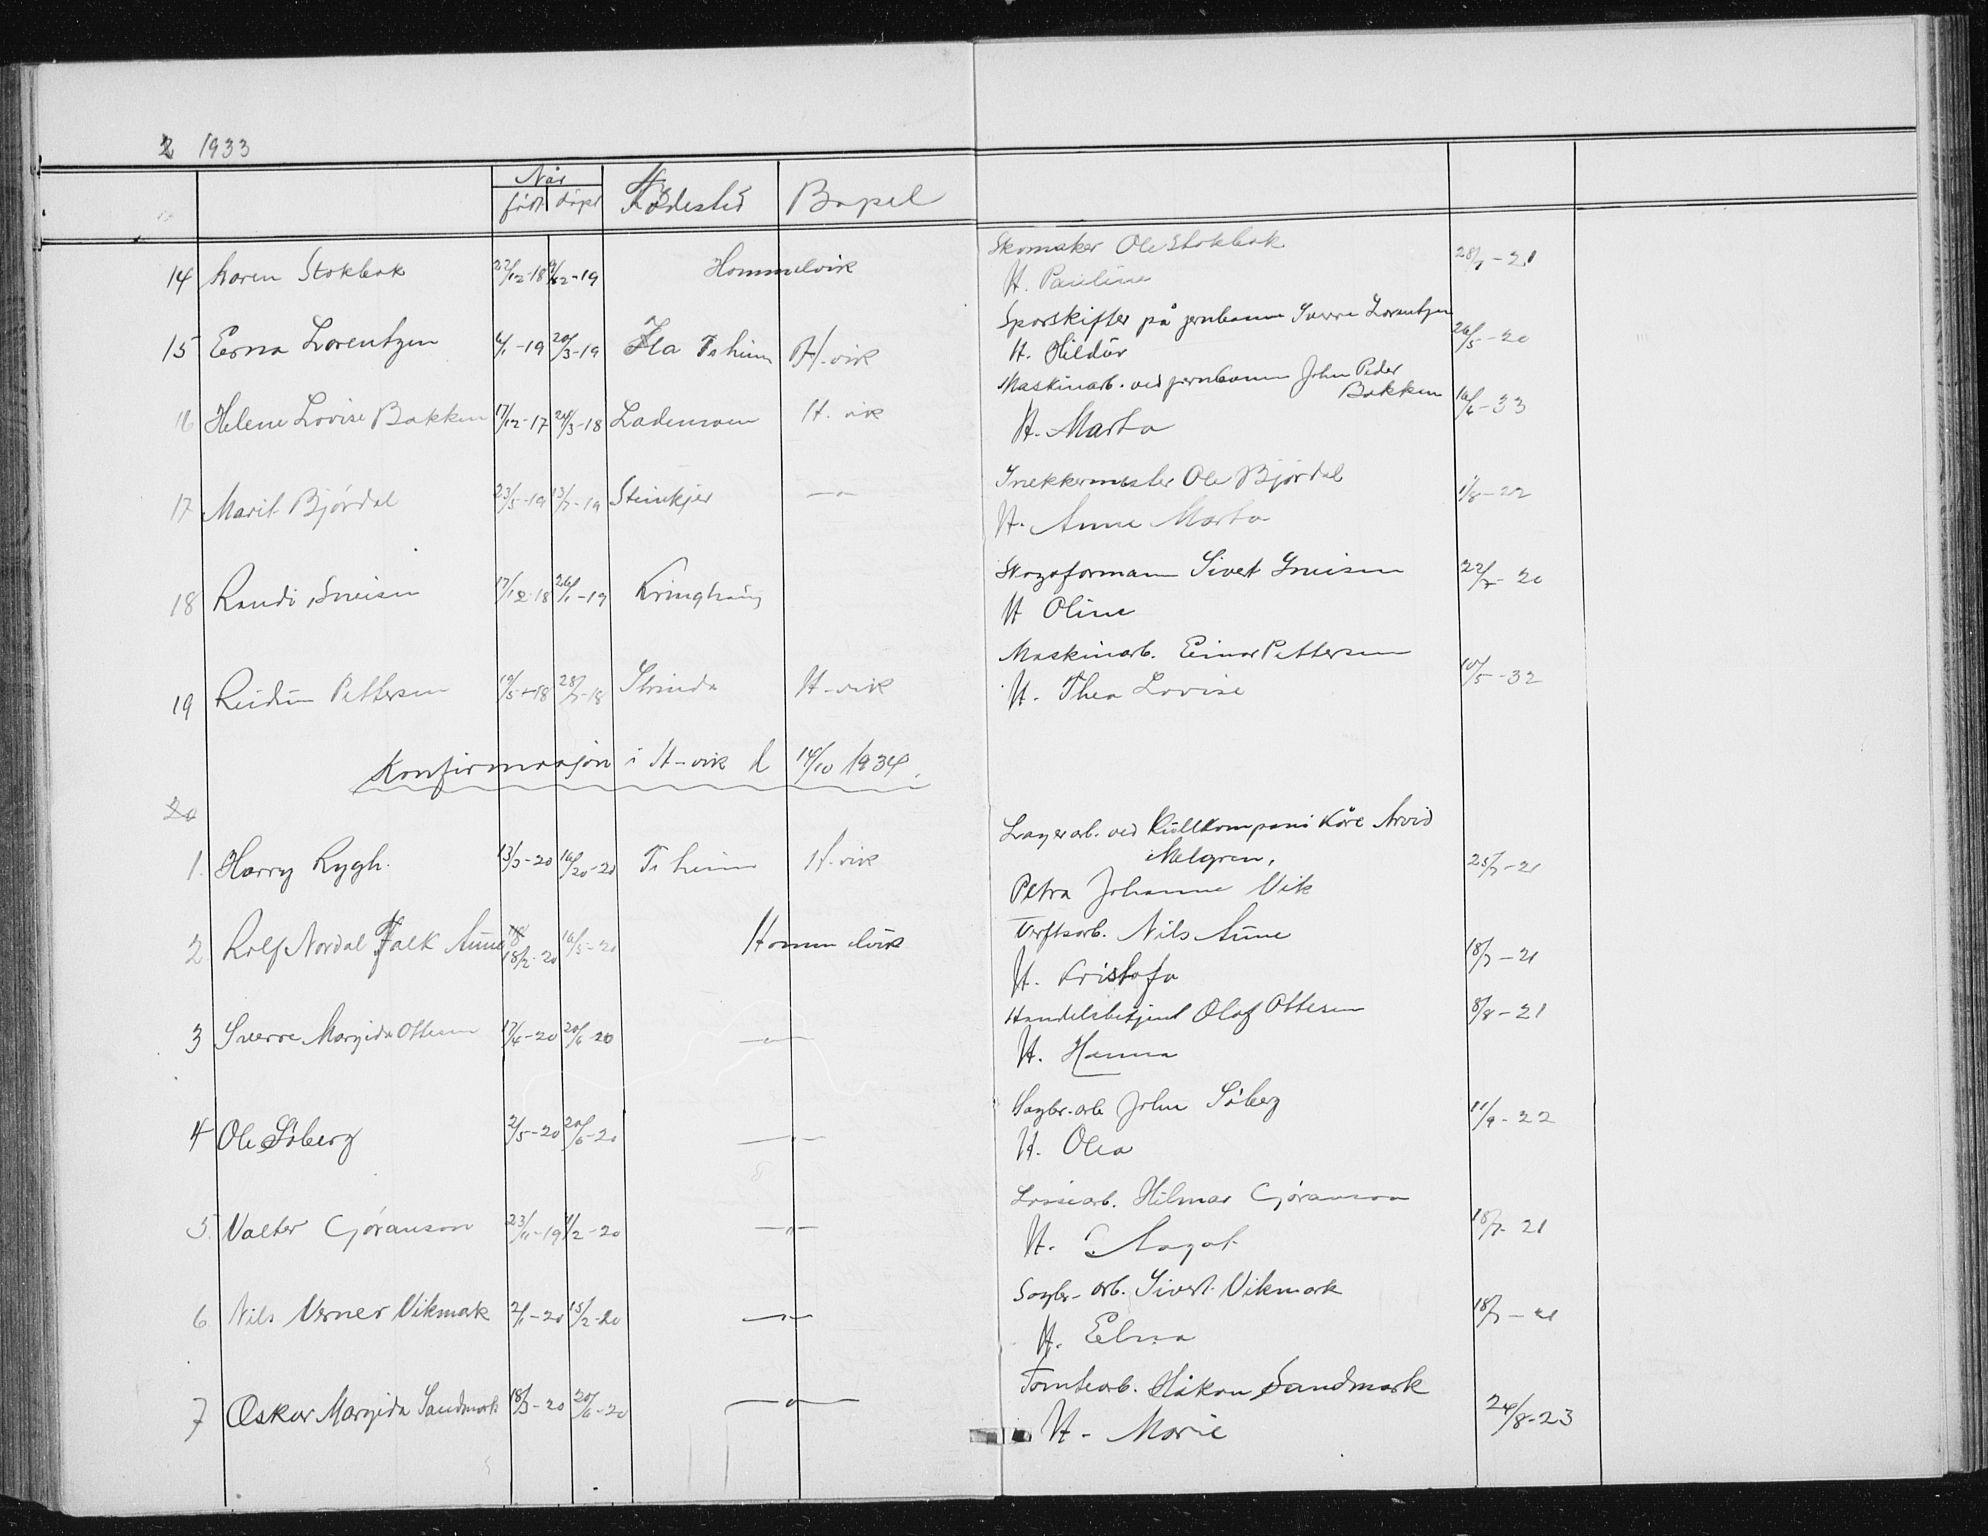 SAT, Ministerialprotokoller, klokkerbøker og fødselsregistre - Sør-Trøndelag, 617/L0431: Klokkerbok nr. 617C02, 1910-1936